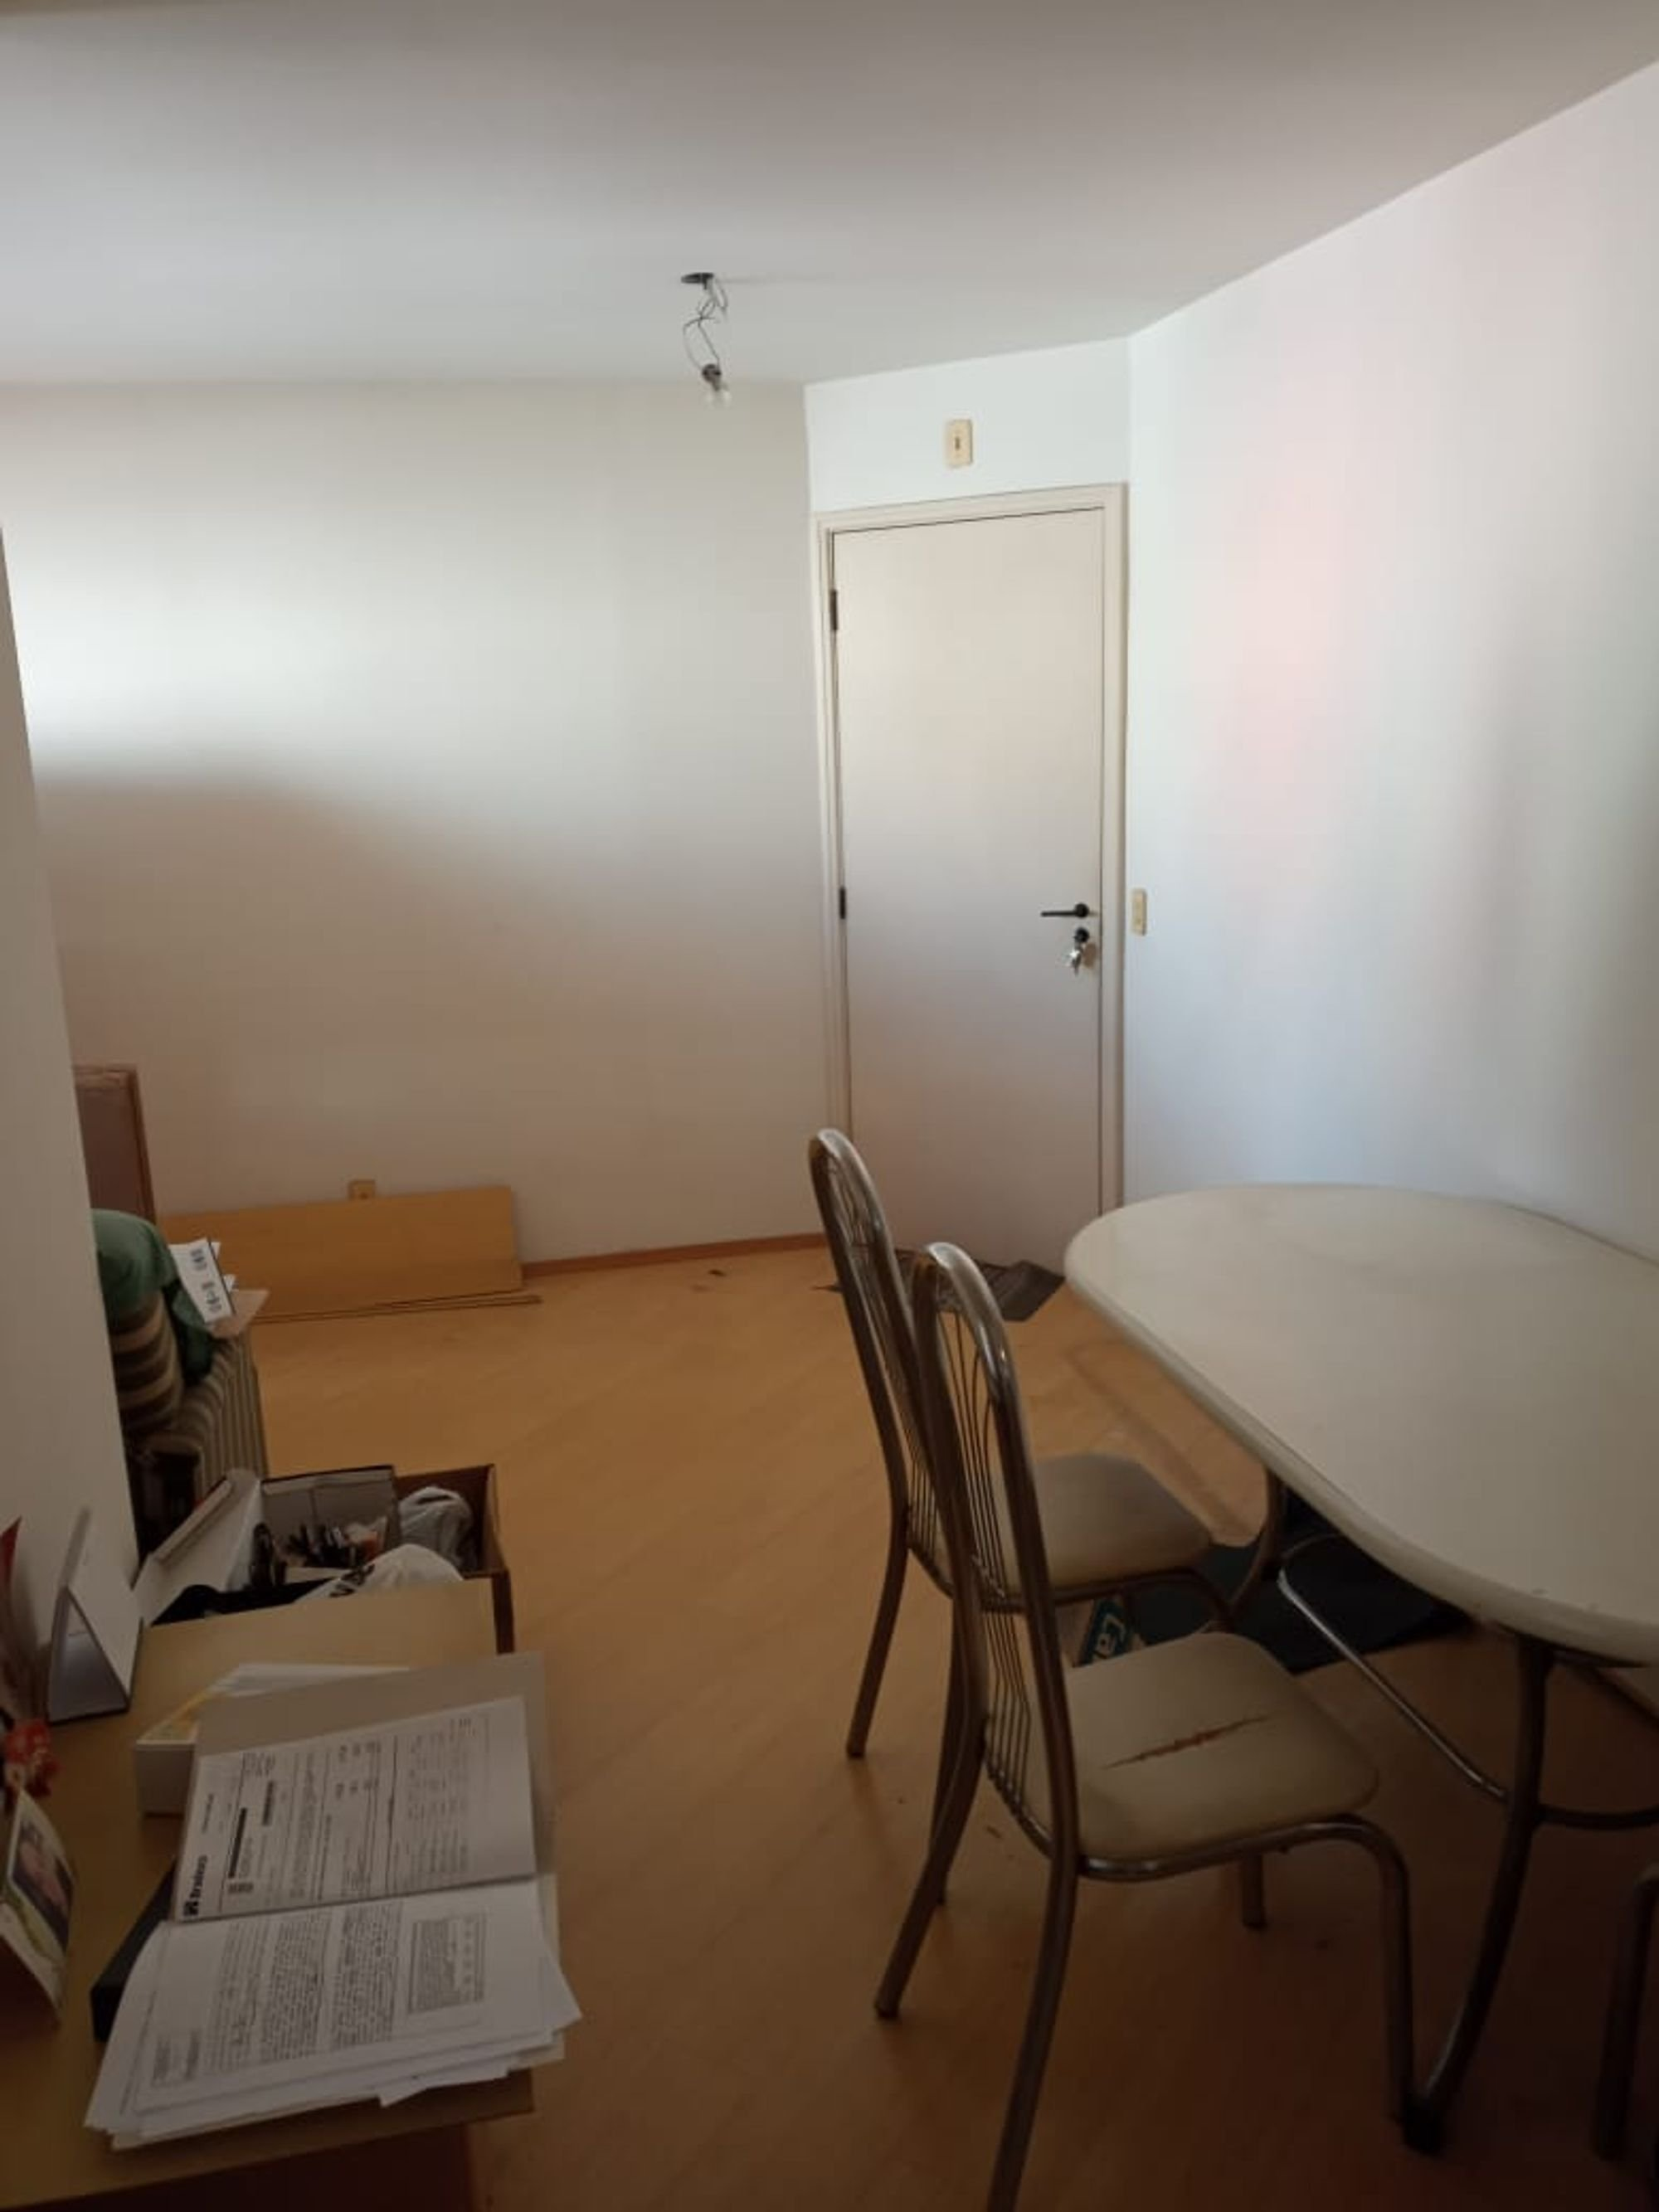 Foto de Quarto com cadeira, mesa de jantar